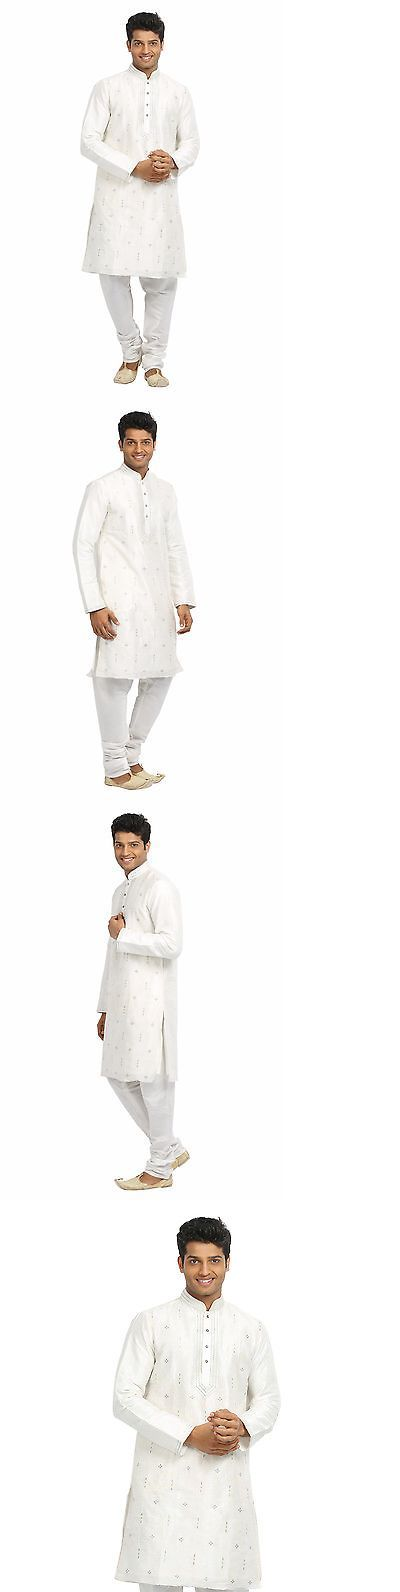 Kurta 155248: Saris And Things White Indian Wedding Kurta Pajama For Men -> BUY IT NOW ONLY: $125 on eBay!